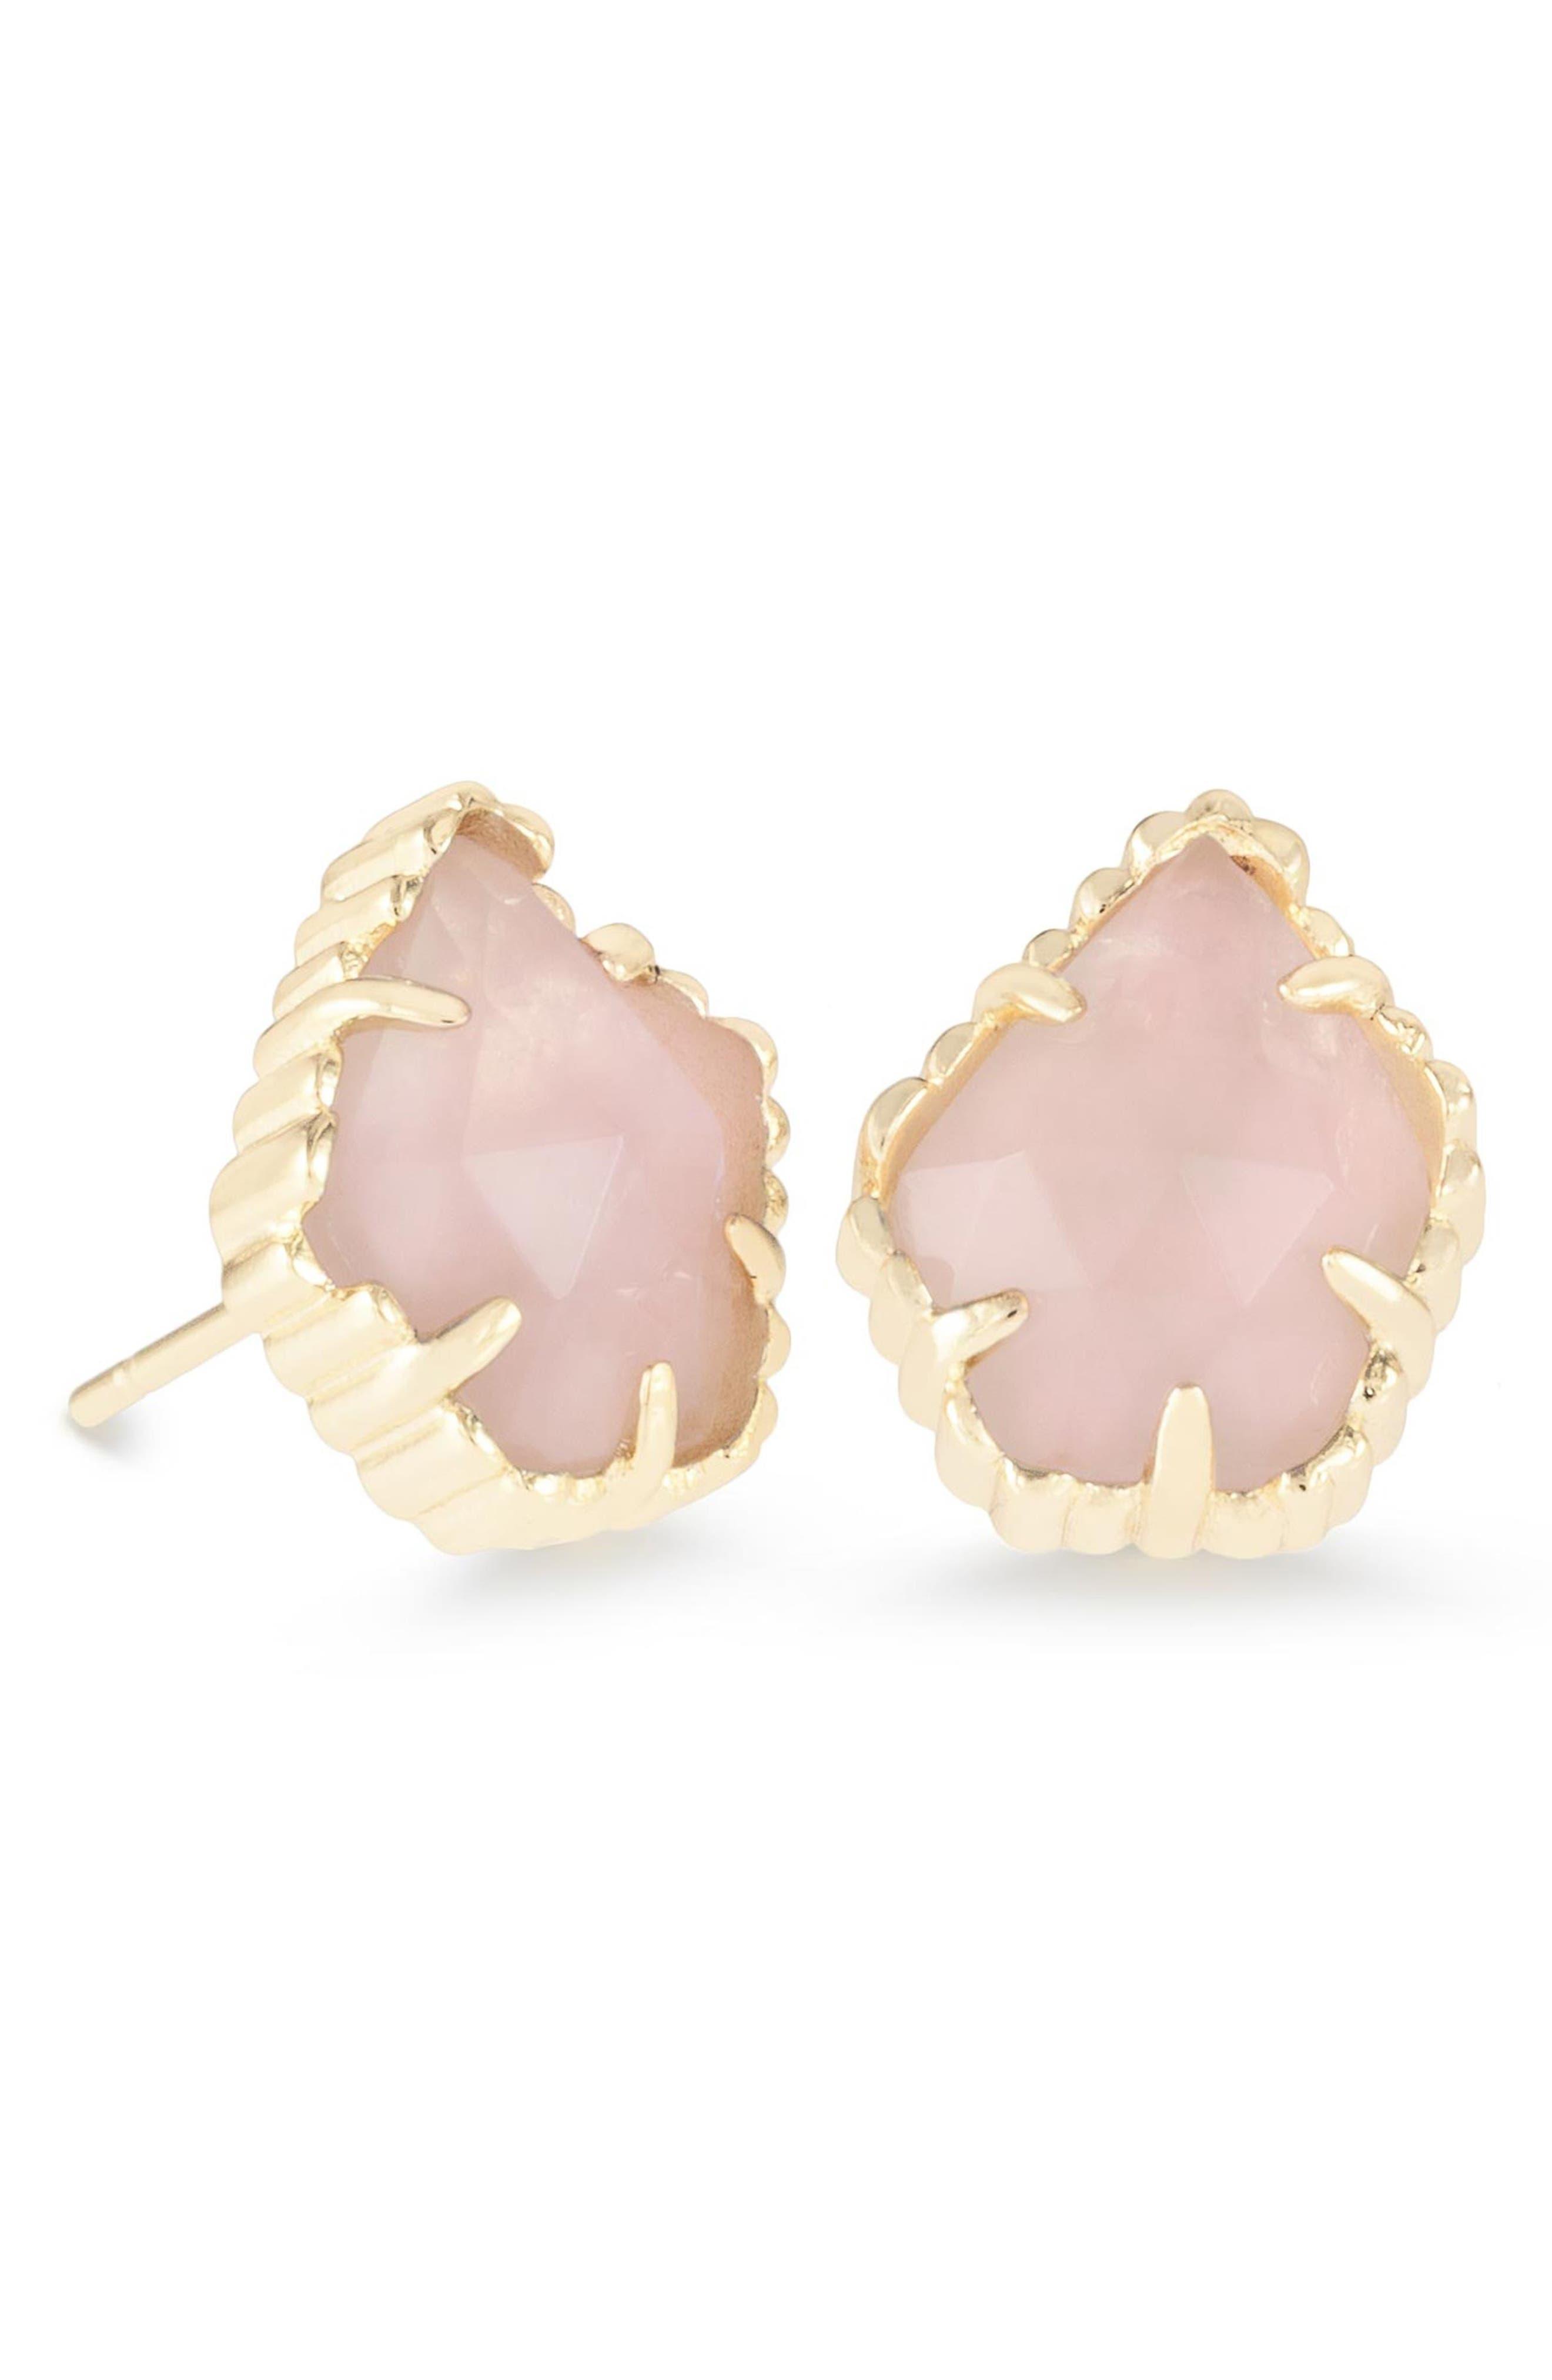 Tessa Stone Stud Earrings,                             Main thumbnail 1, color,                             Gold/ Rose Quartz